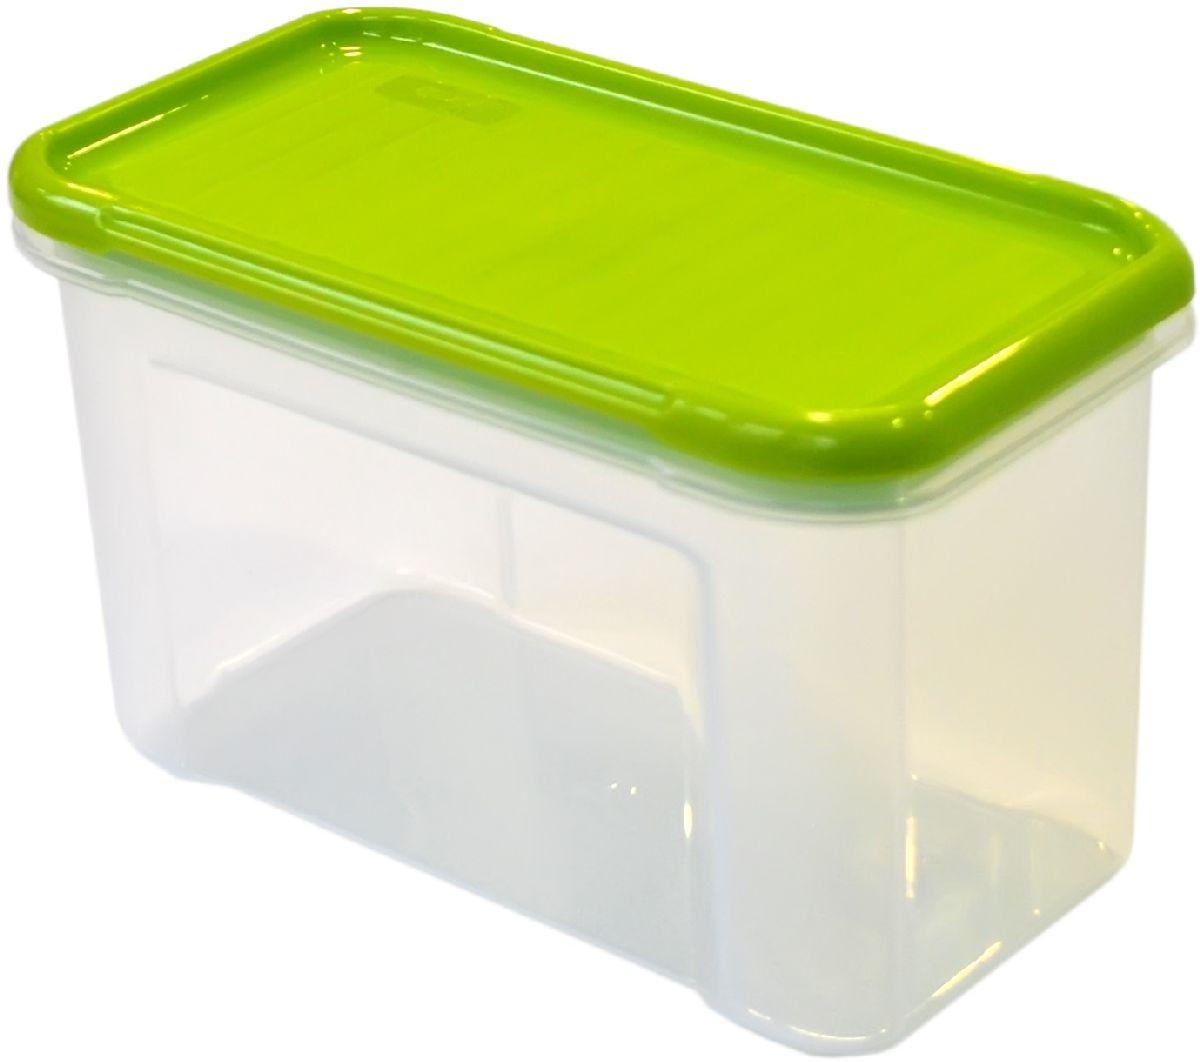 Банка для сыпучих продуктов Giaretti Krupa, цвет: оливковый, прозрачный, 750 мл банка для сыпучих продуктов giaretti krupa с дозатором цвет оливковый прозрачный 1 5 л